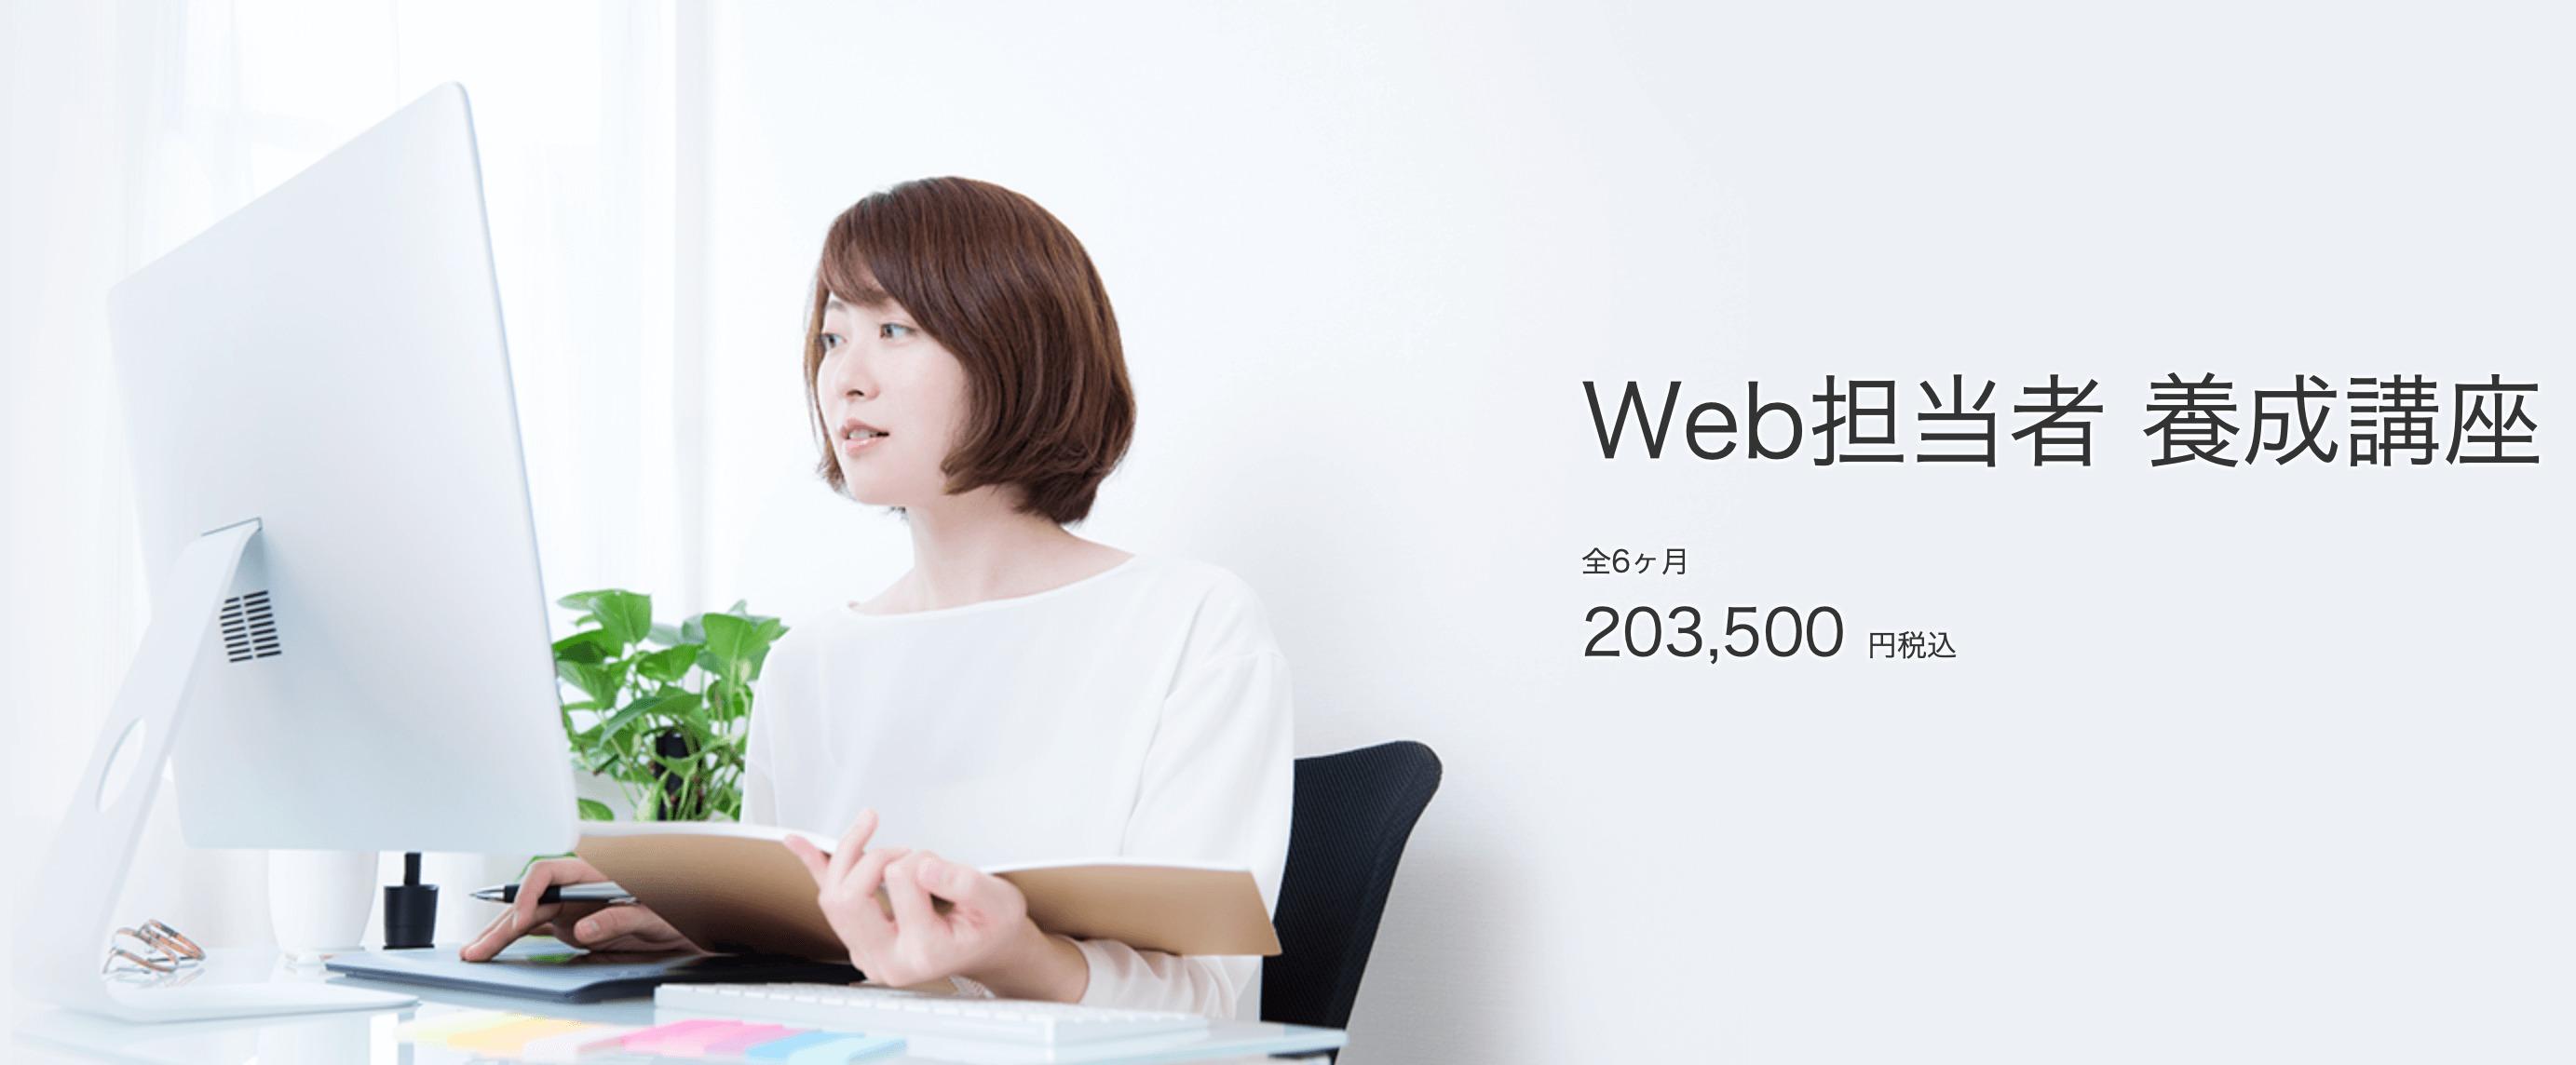 本当におすすめなWebマーケティングスクール4つ【マーケター厳選】